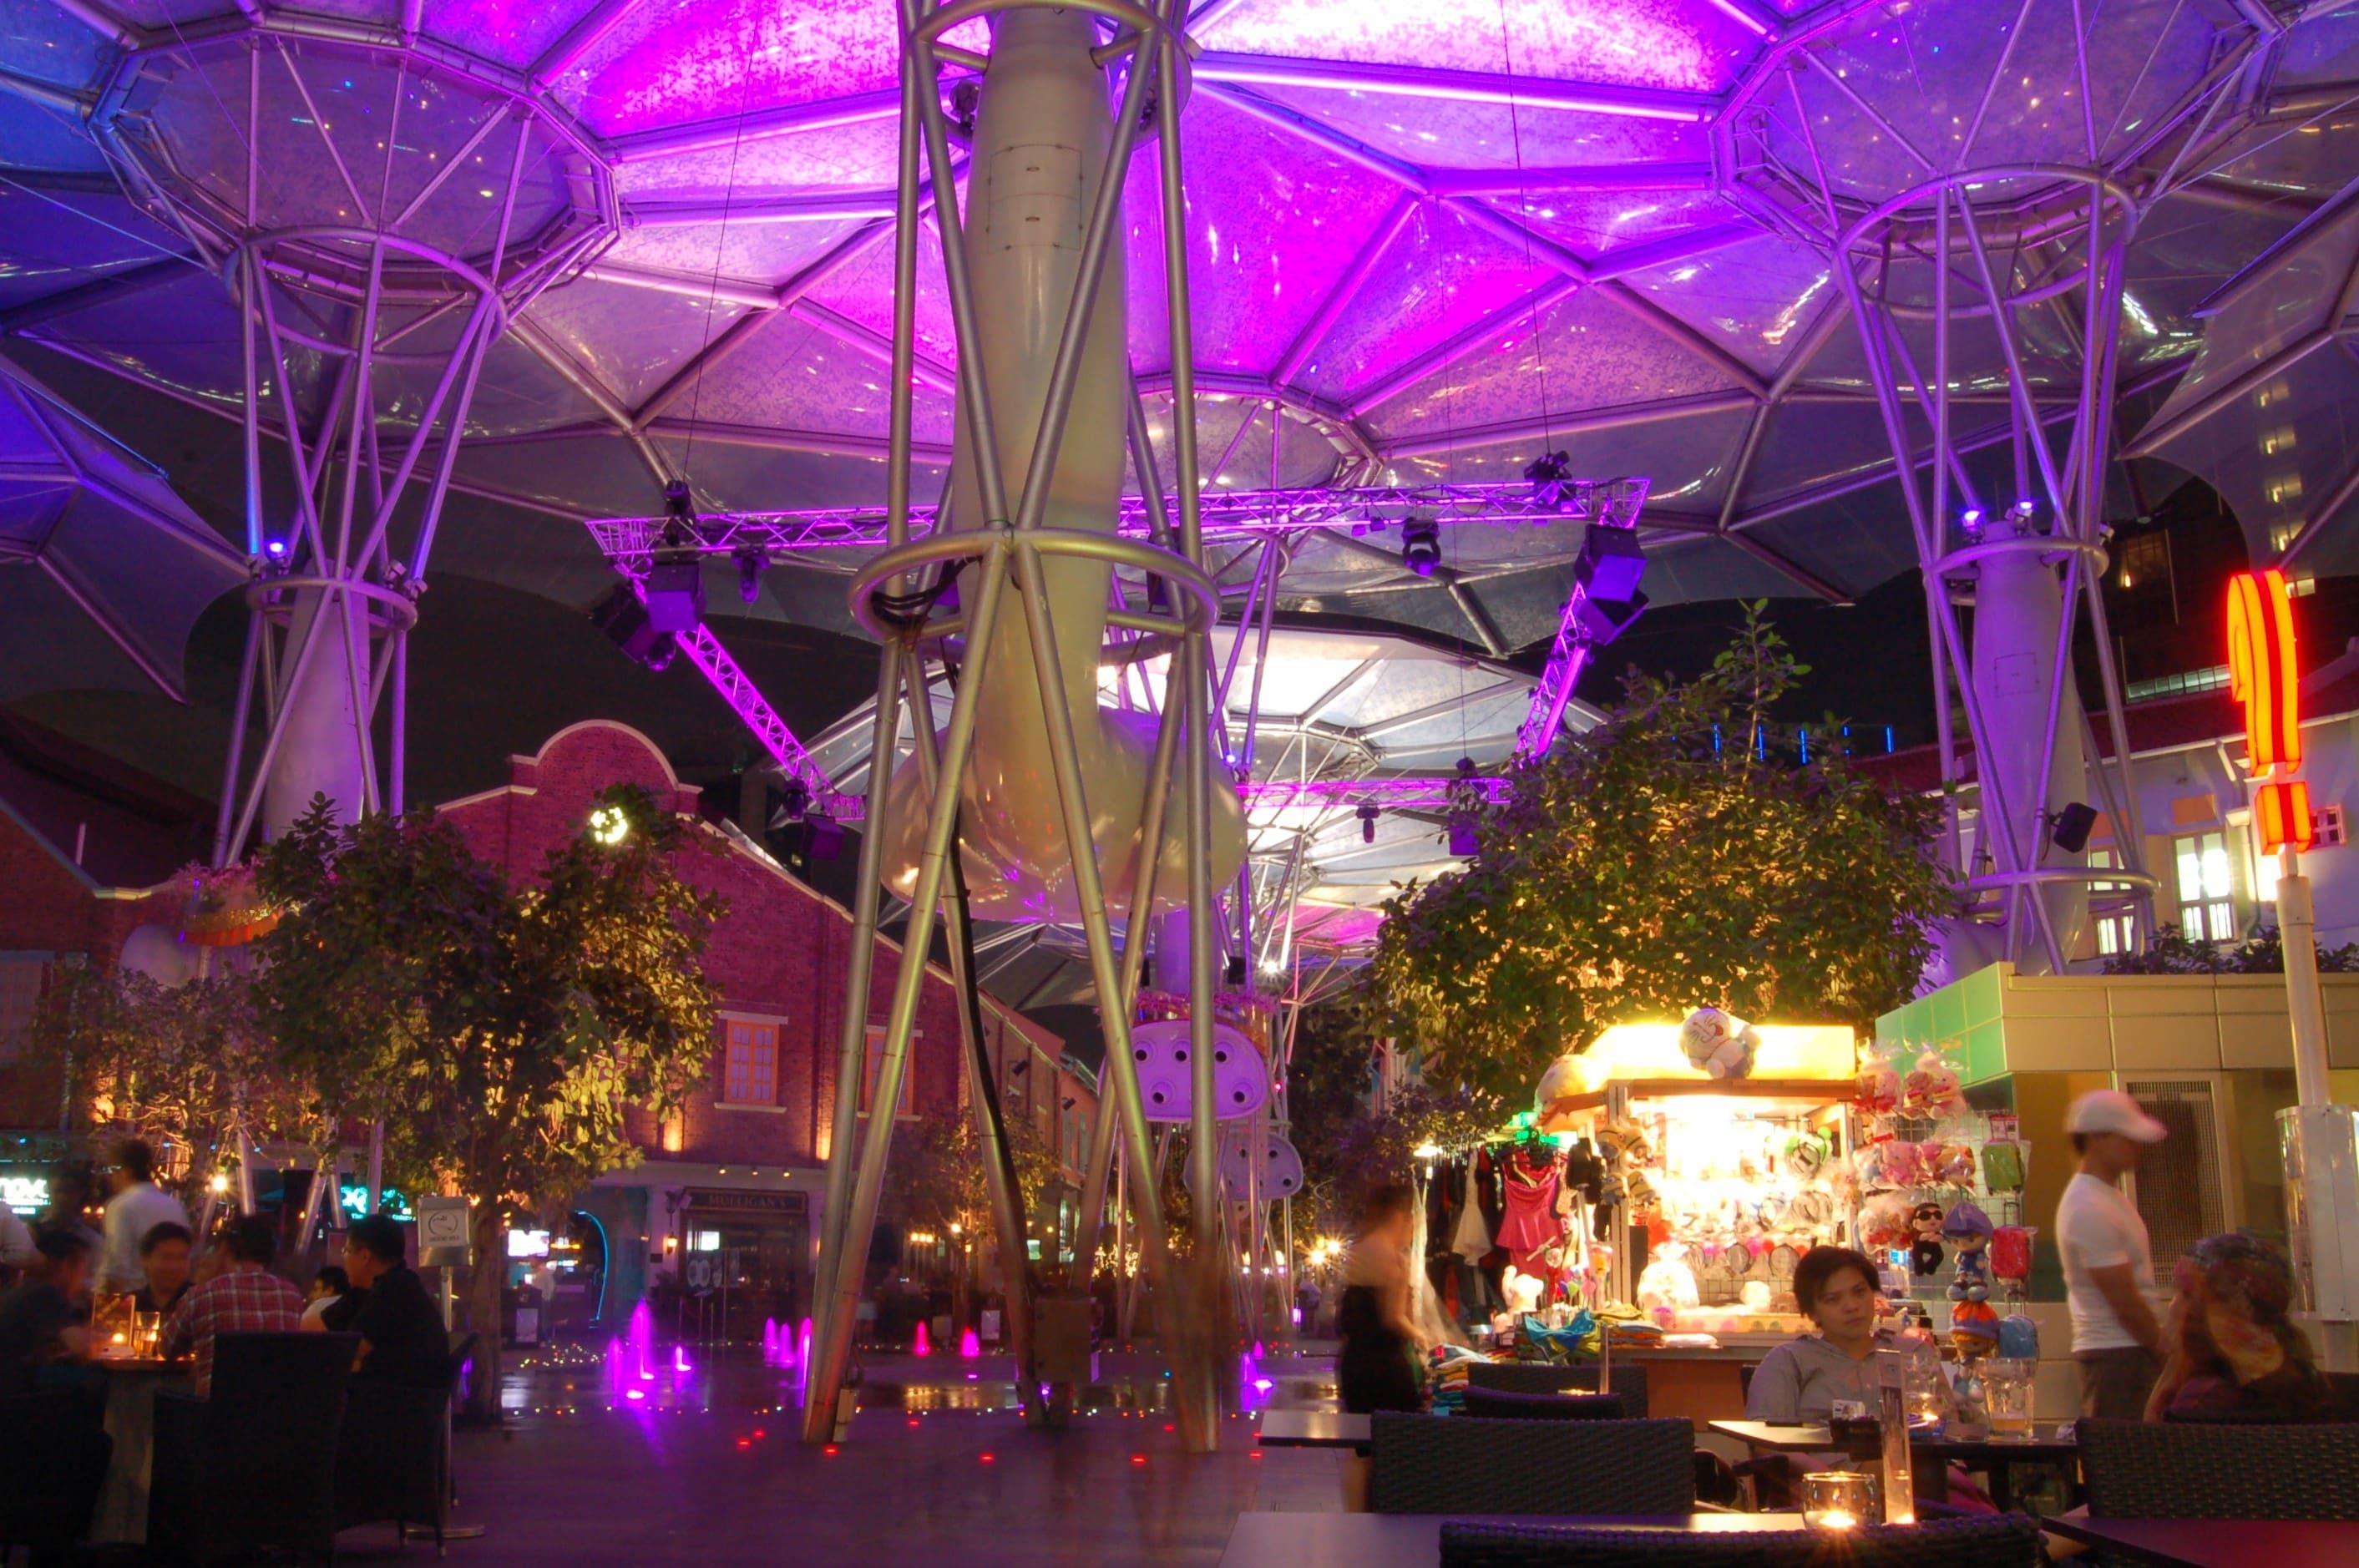 clarke quay là một trong những điểm đến ở singapore cho hội độc thân